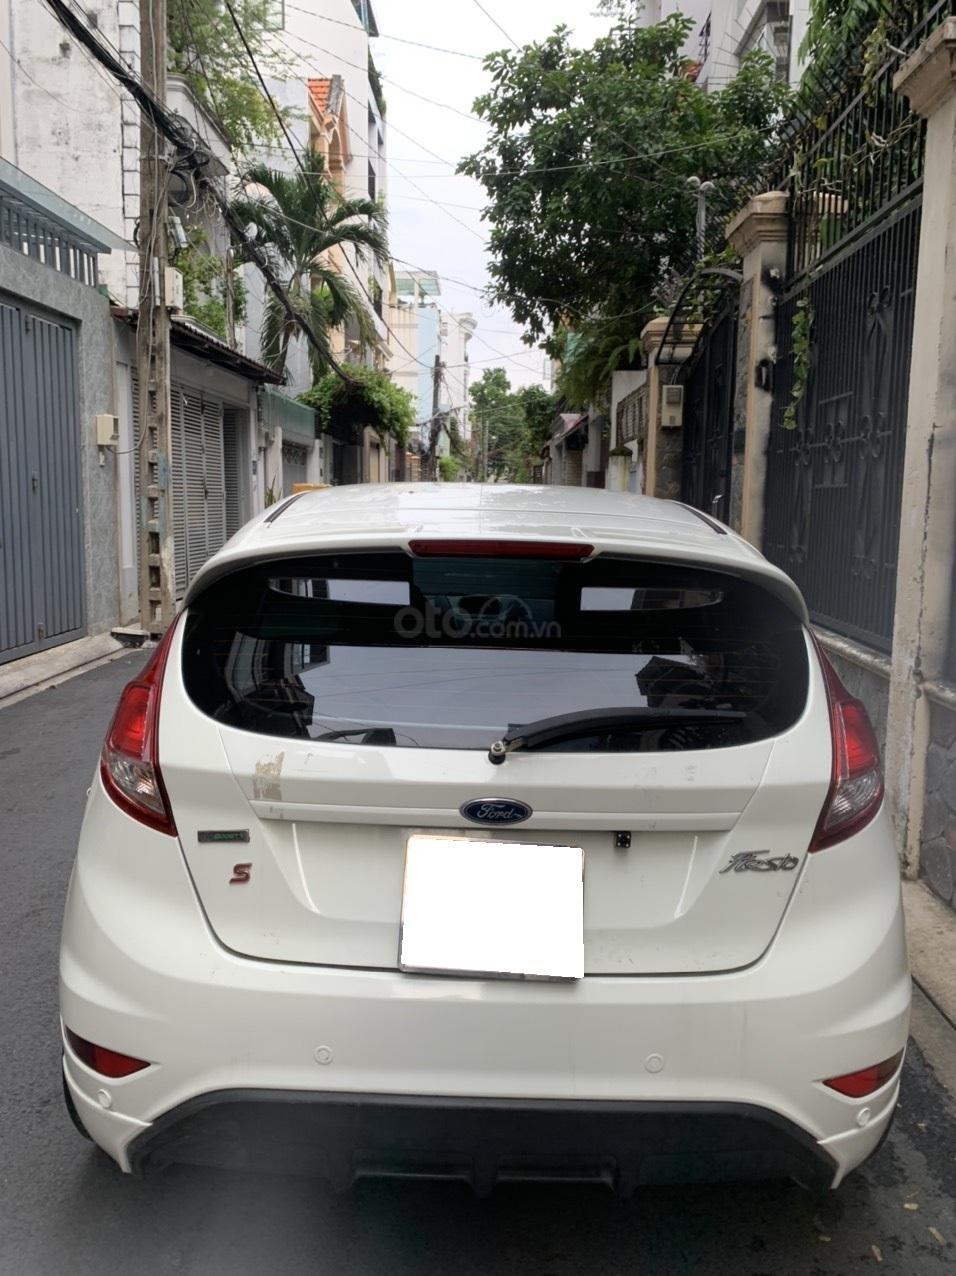 Bán ô tô Ford Fiesta Ecoboost sản xuất 2014, màu trắng, giá chỉ 389 triệu (7)